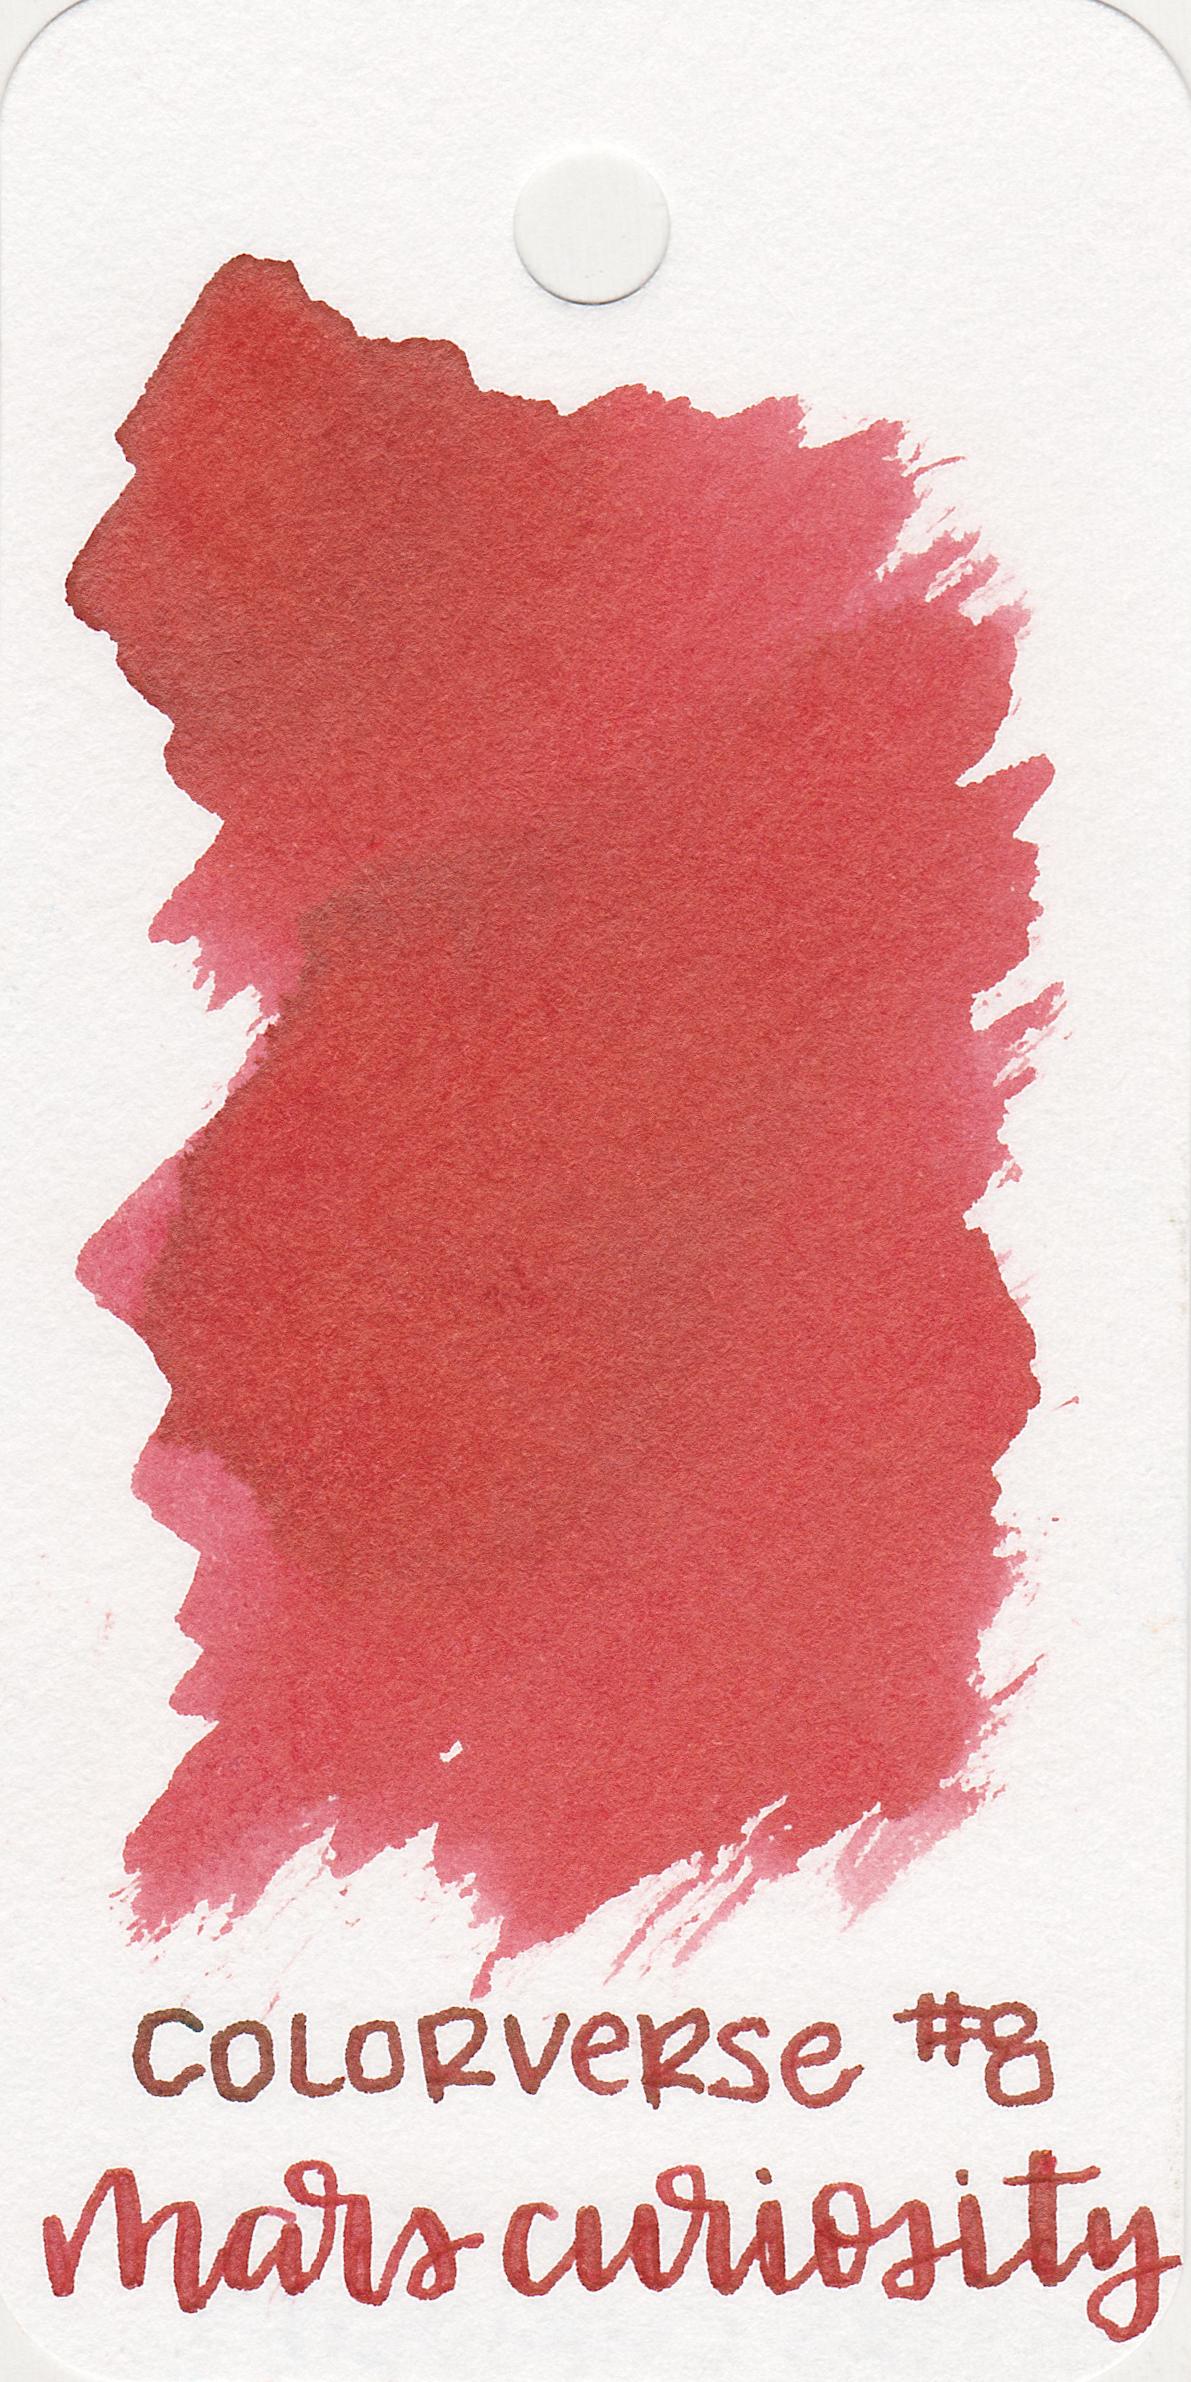 The color: - Mars Curiosity is a medium, slightly dusky red.